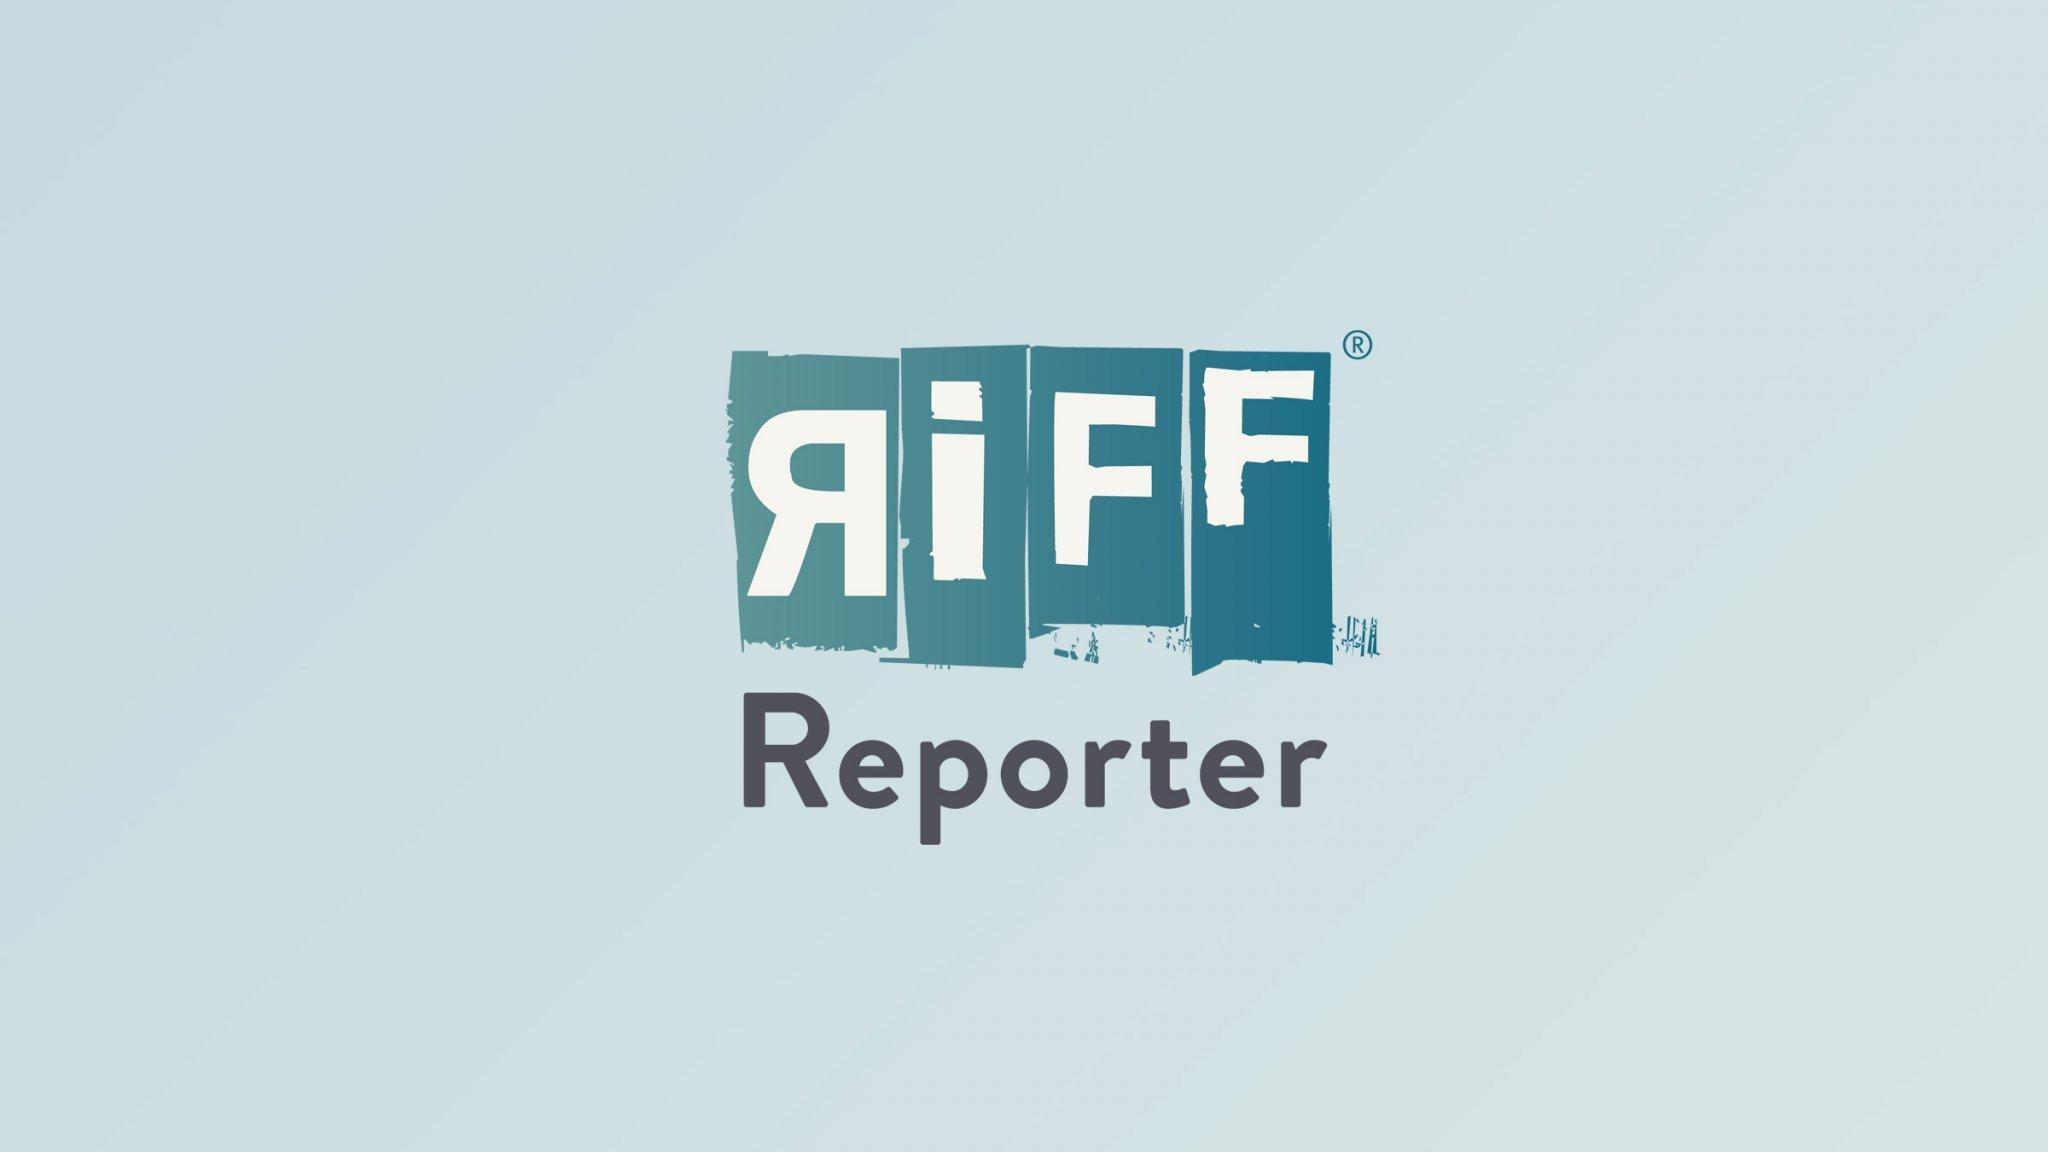 Die Grafik zeigt die Gesichter von drei Menschen mit Fragen zu einem aktuellen Thema. Sie erhalten Antworten.